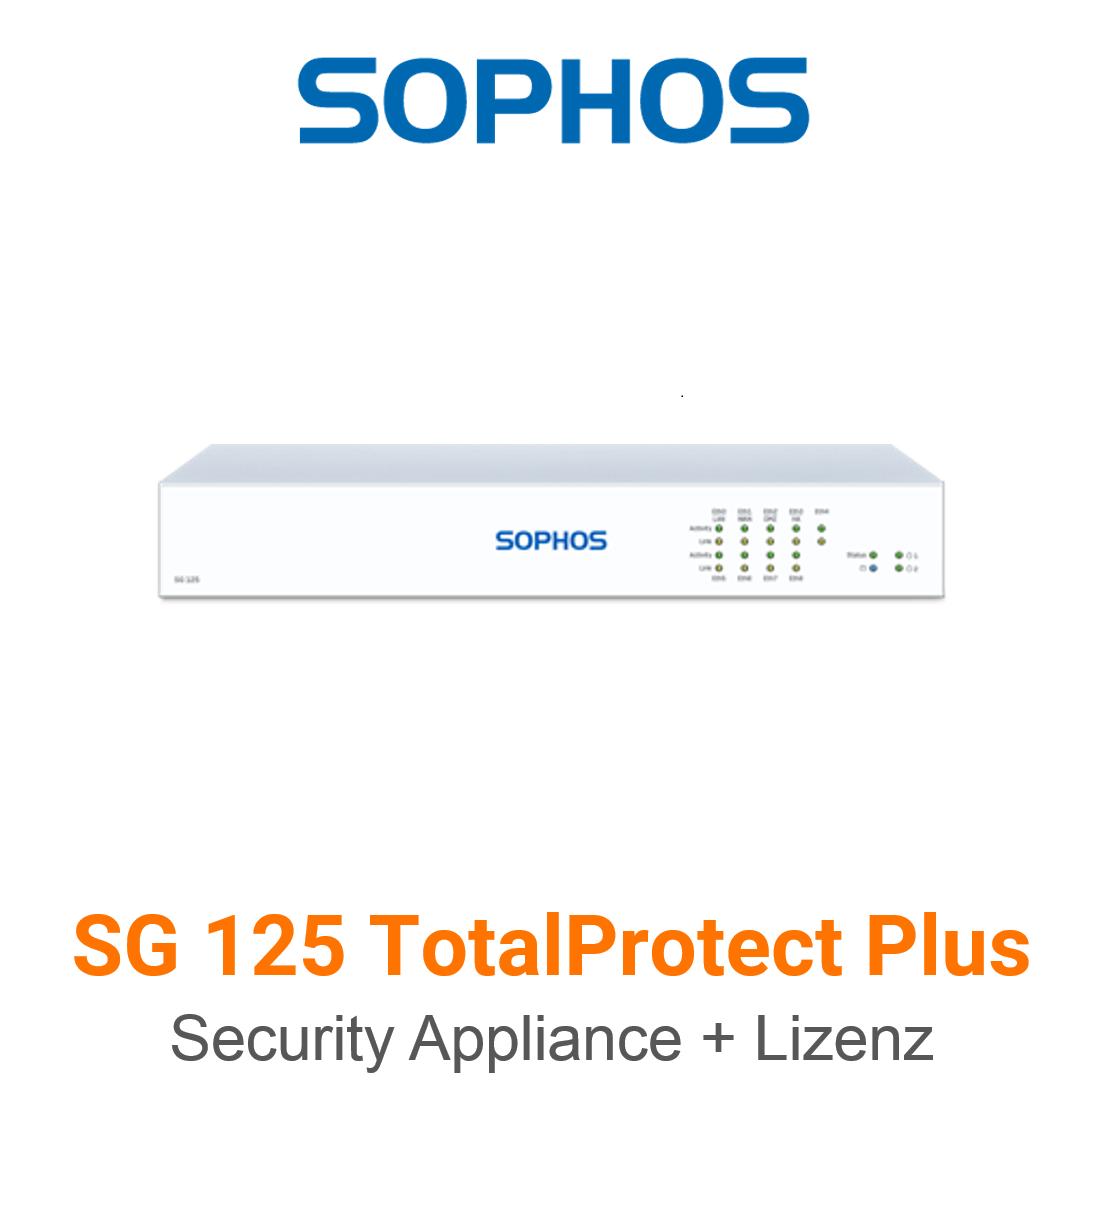 Sophos SG 125 TotalProtect Plus Bundle (Hardware + Lizenz)